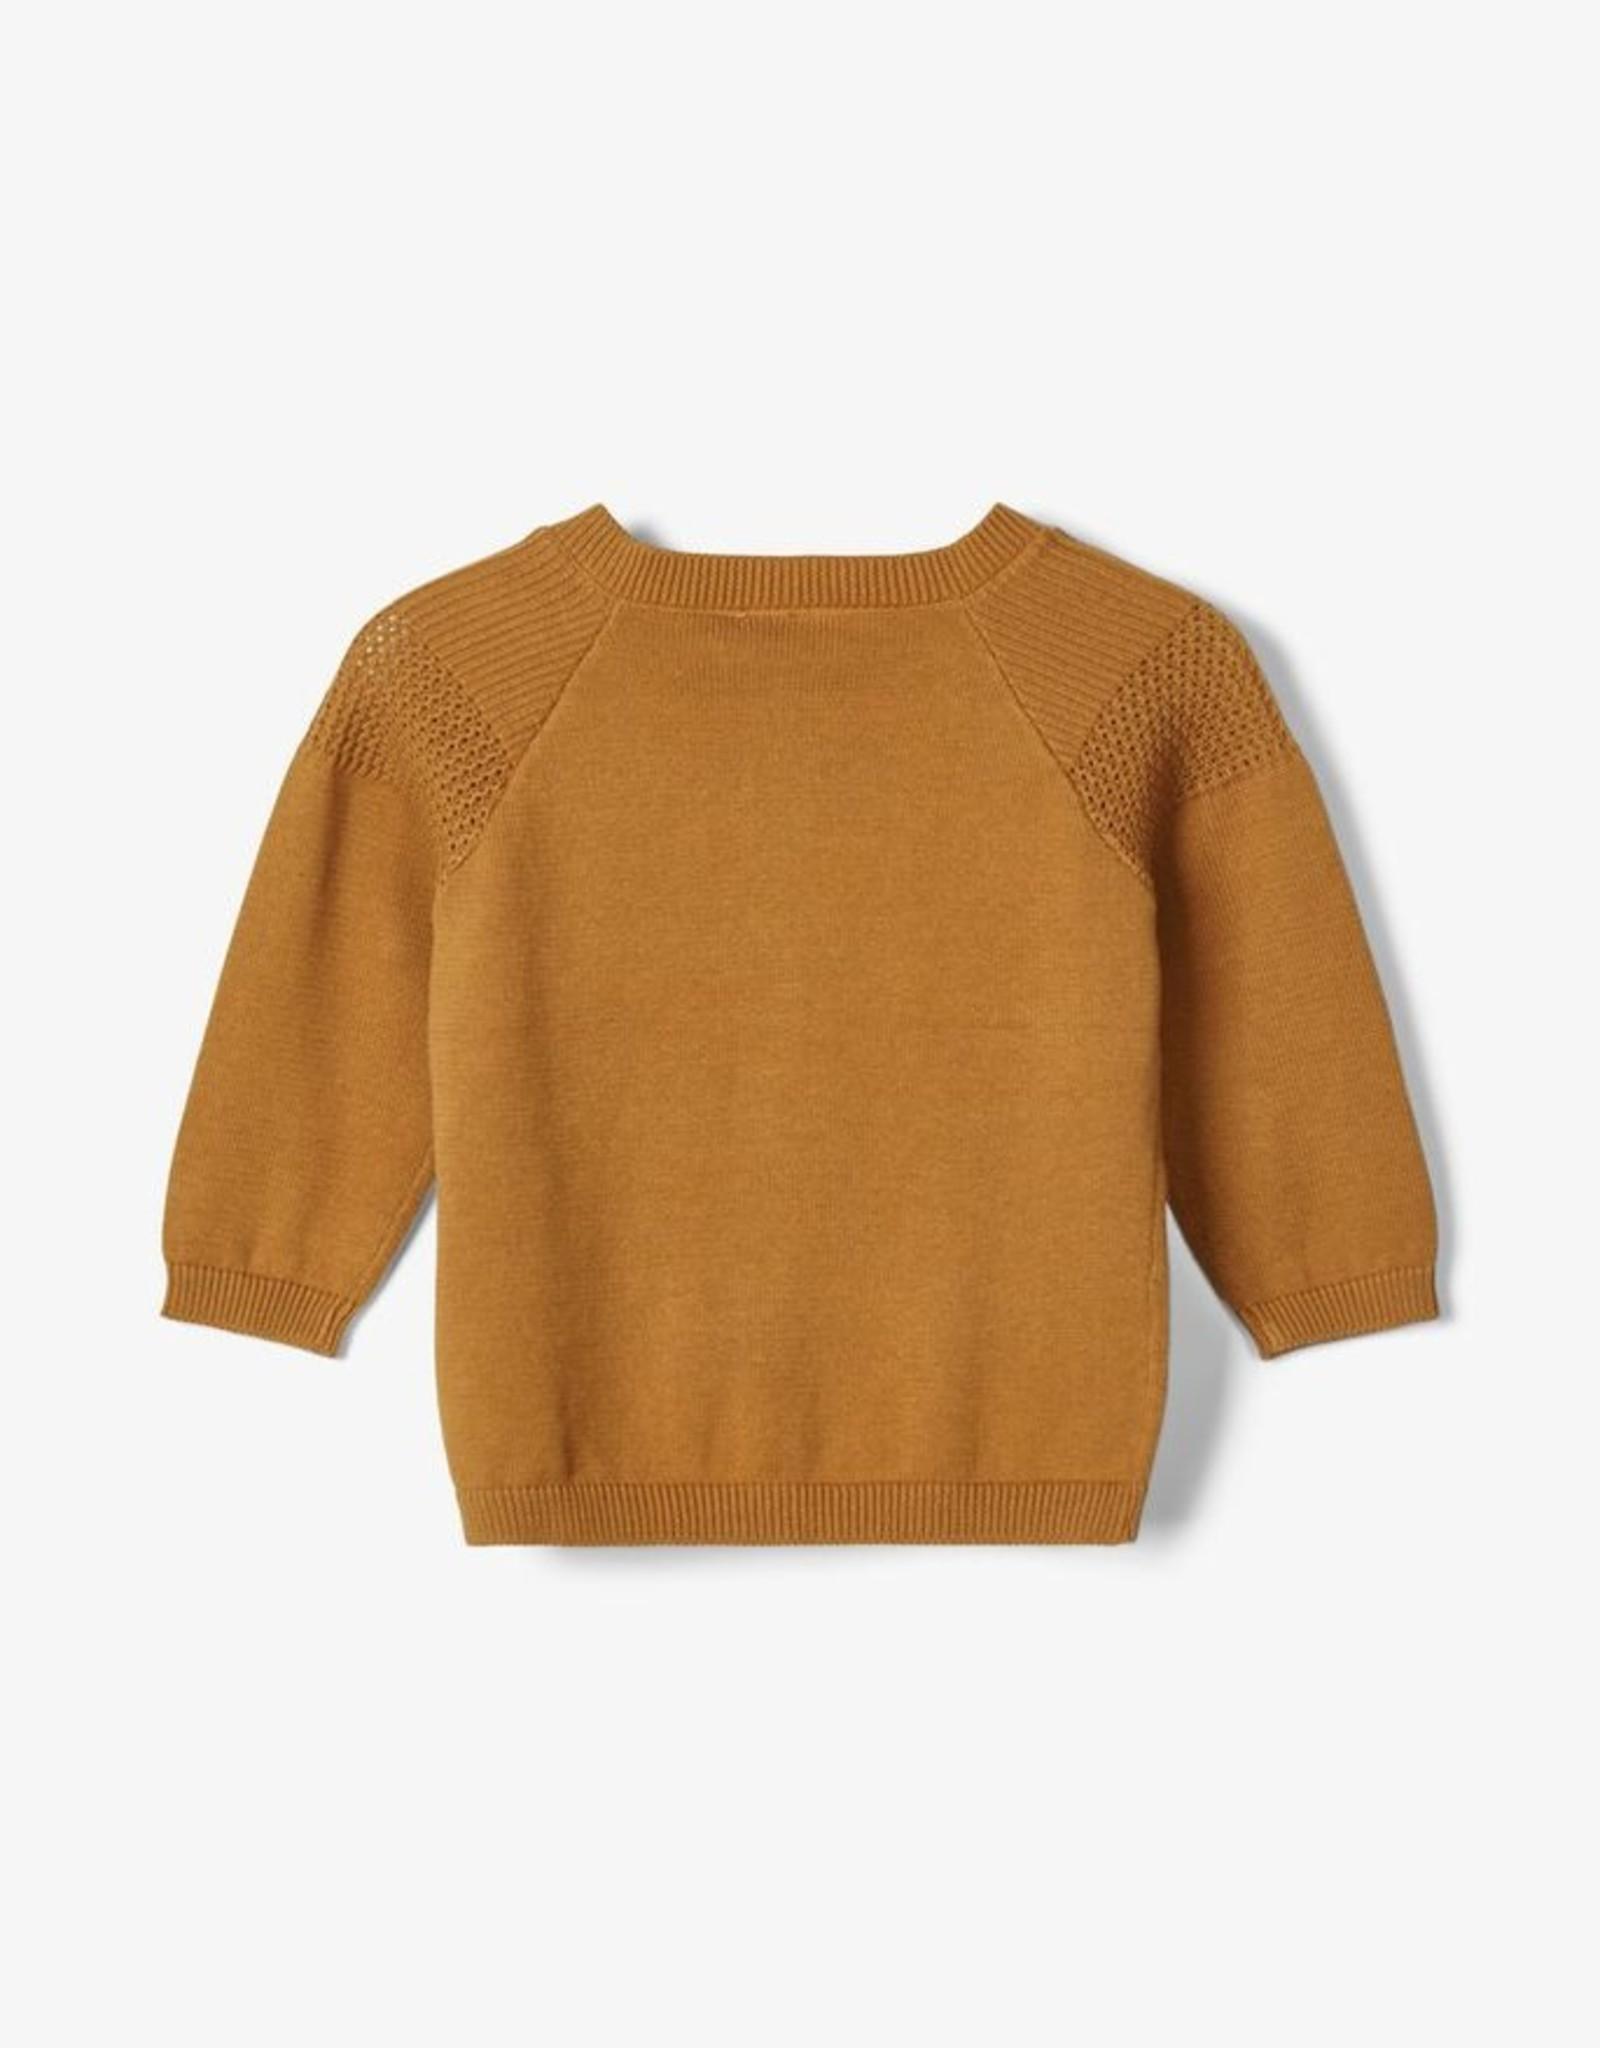 Laham cardigan brown